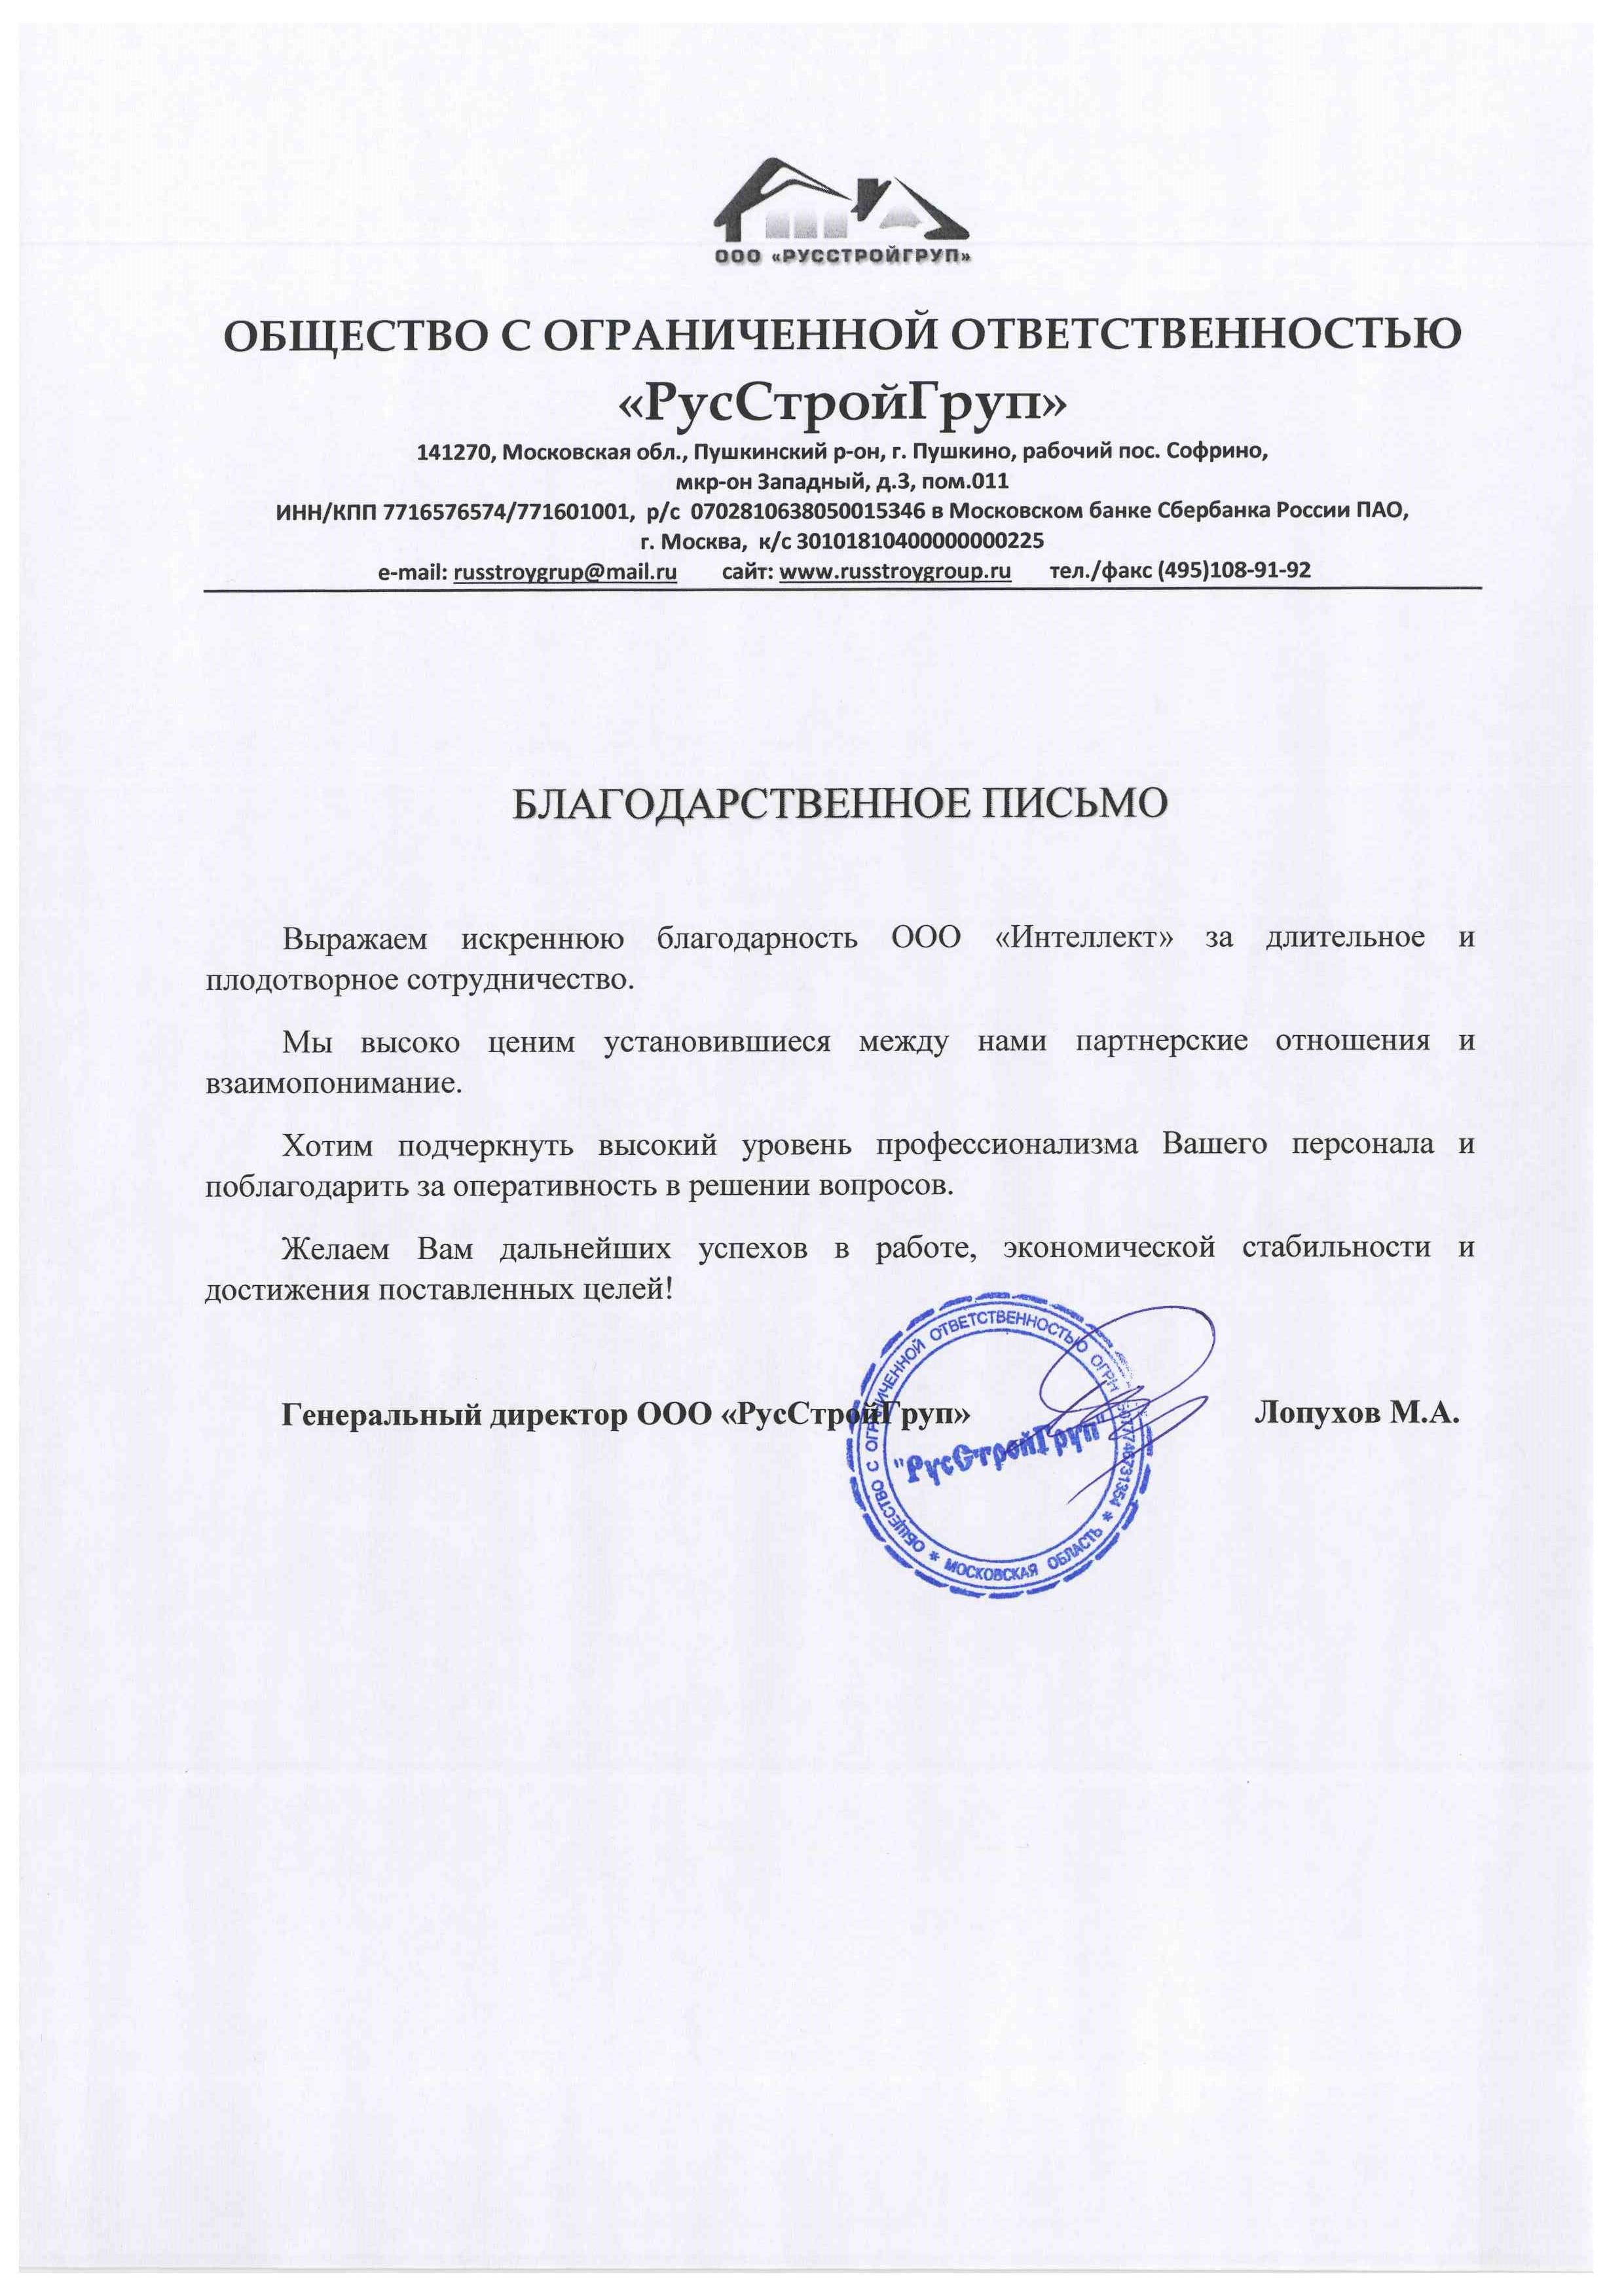 """Благодарственное письмо ООО """"РусСтройГрупп"""""""